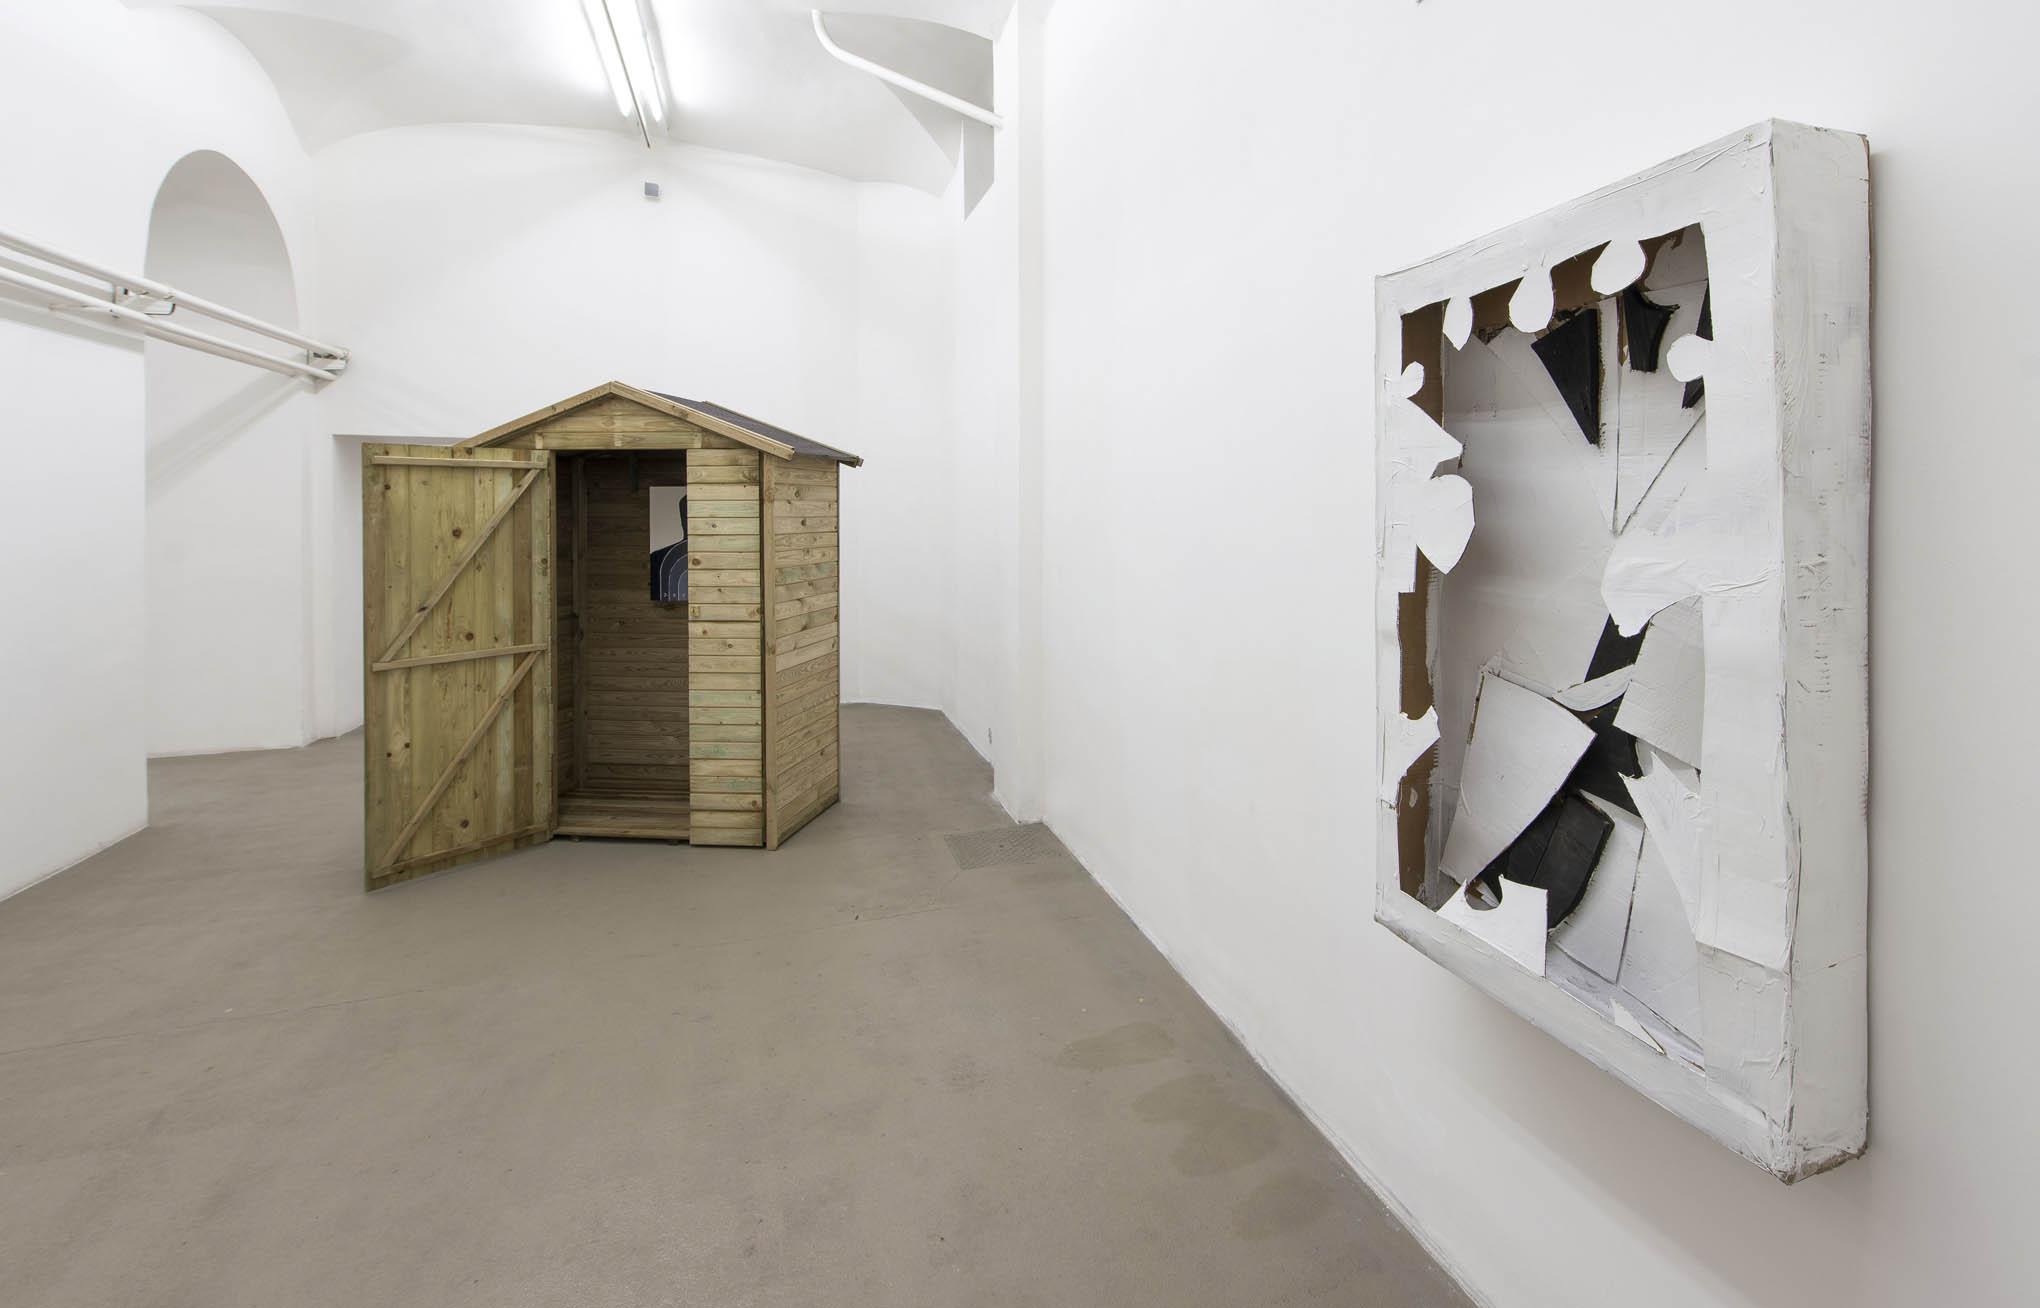 5. Consequences installation view at Fondazione Giuliani, Rome, 2015, photo Giorgio Benni